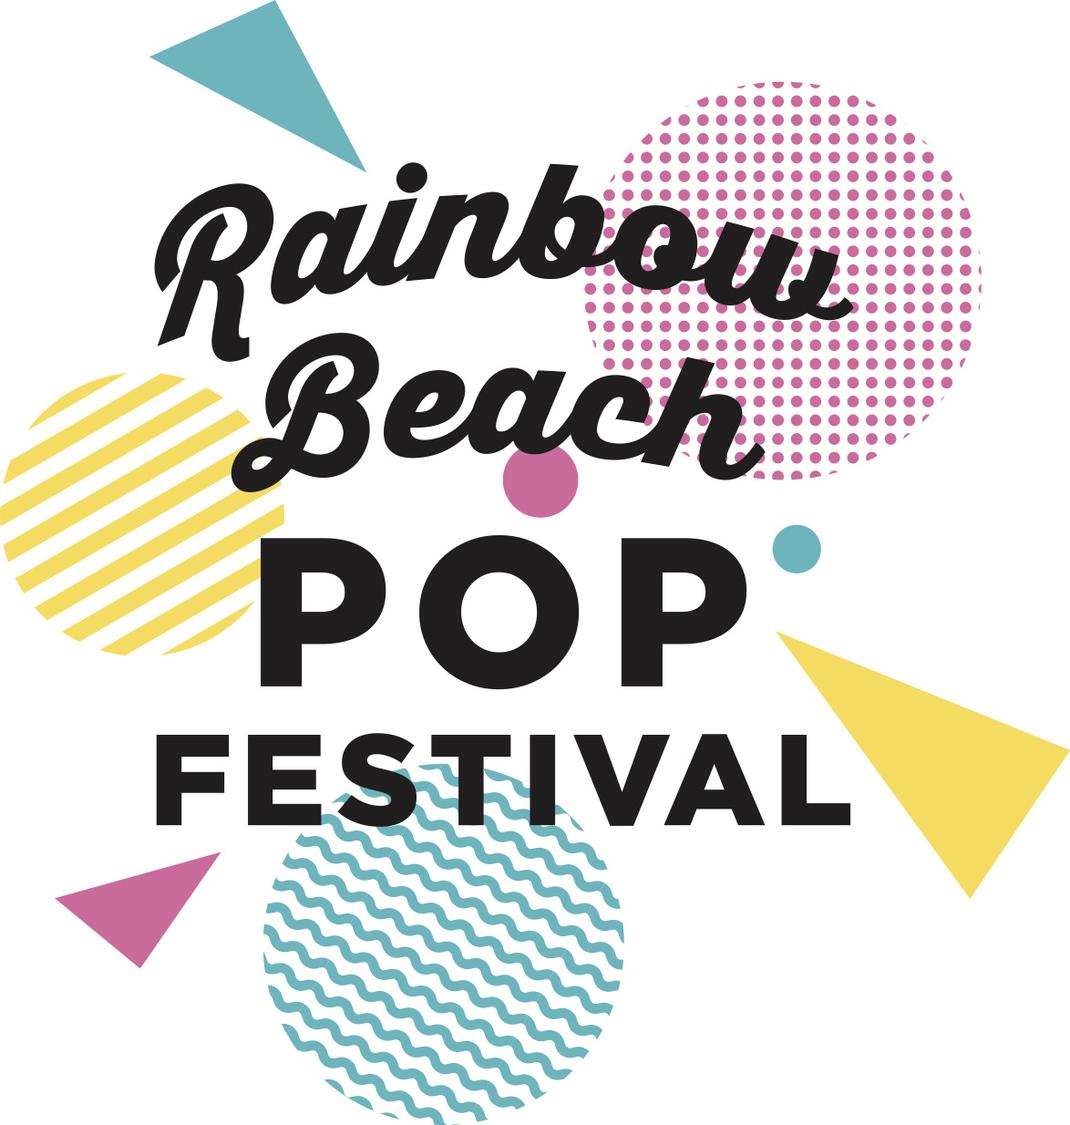 いぎなり東北産、アイくるガールズ、中村妃那(パクスプエラ)ら出演、<RAINBOW BEACH POP FESTIVAL 2020>開催決定!